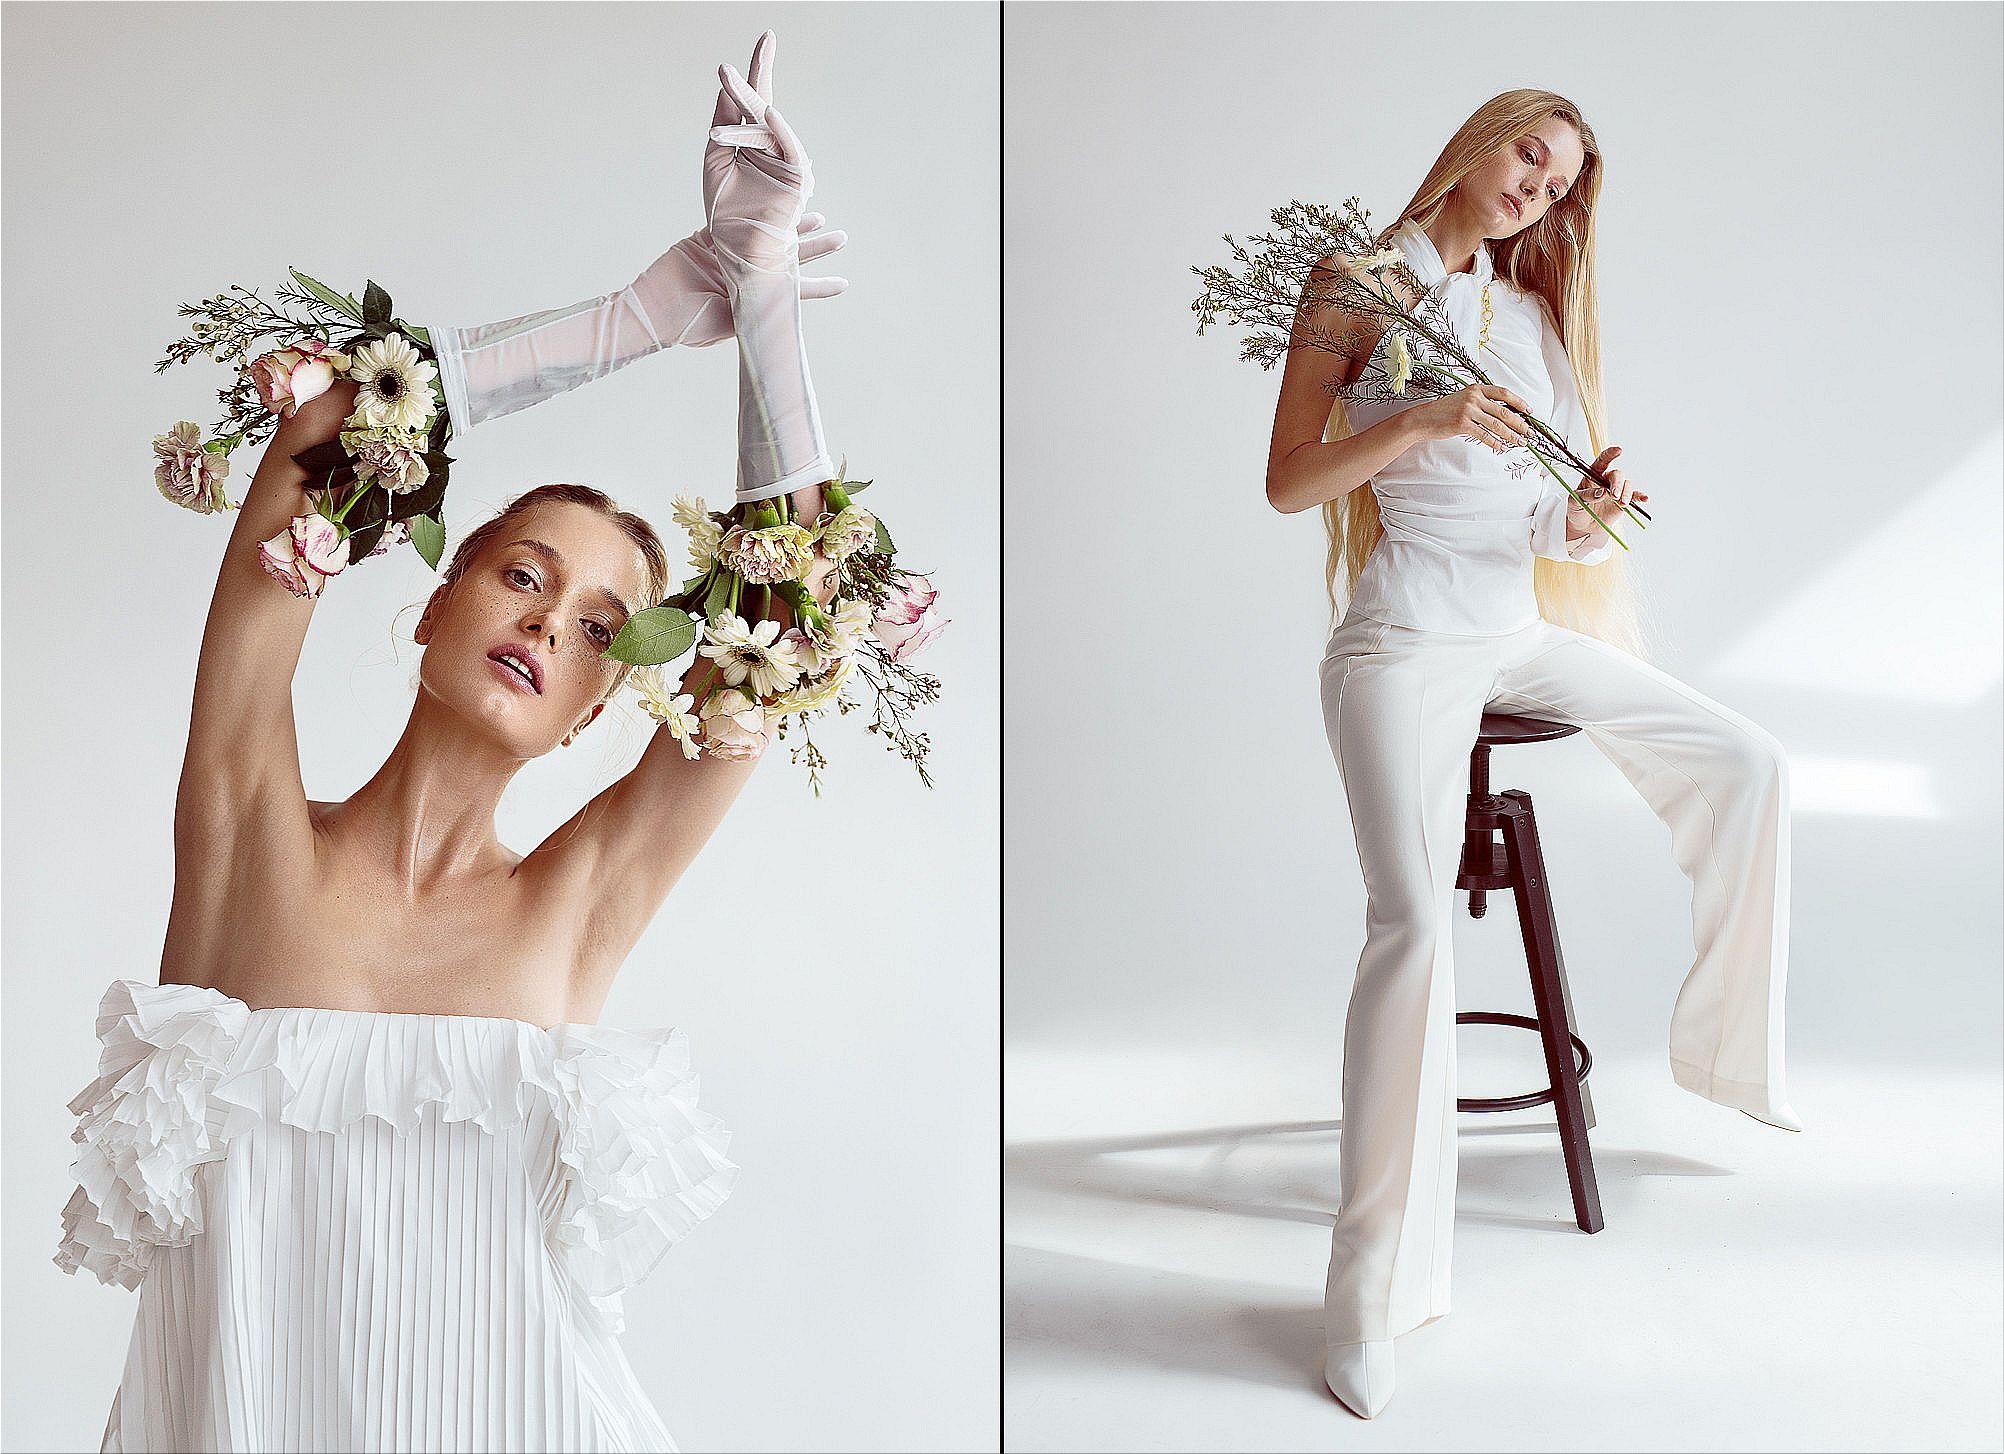 Olga shot by Joanna Kustra for Factice Magazine